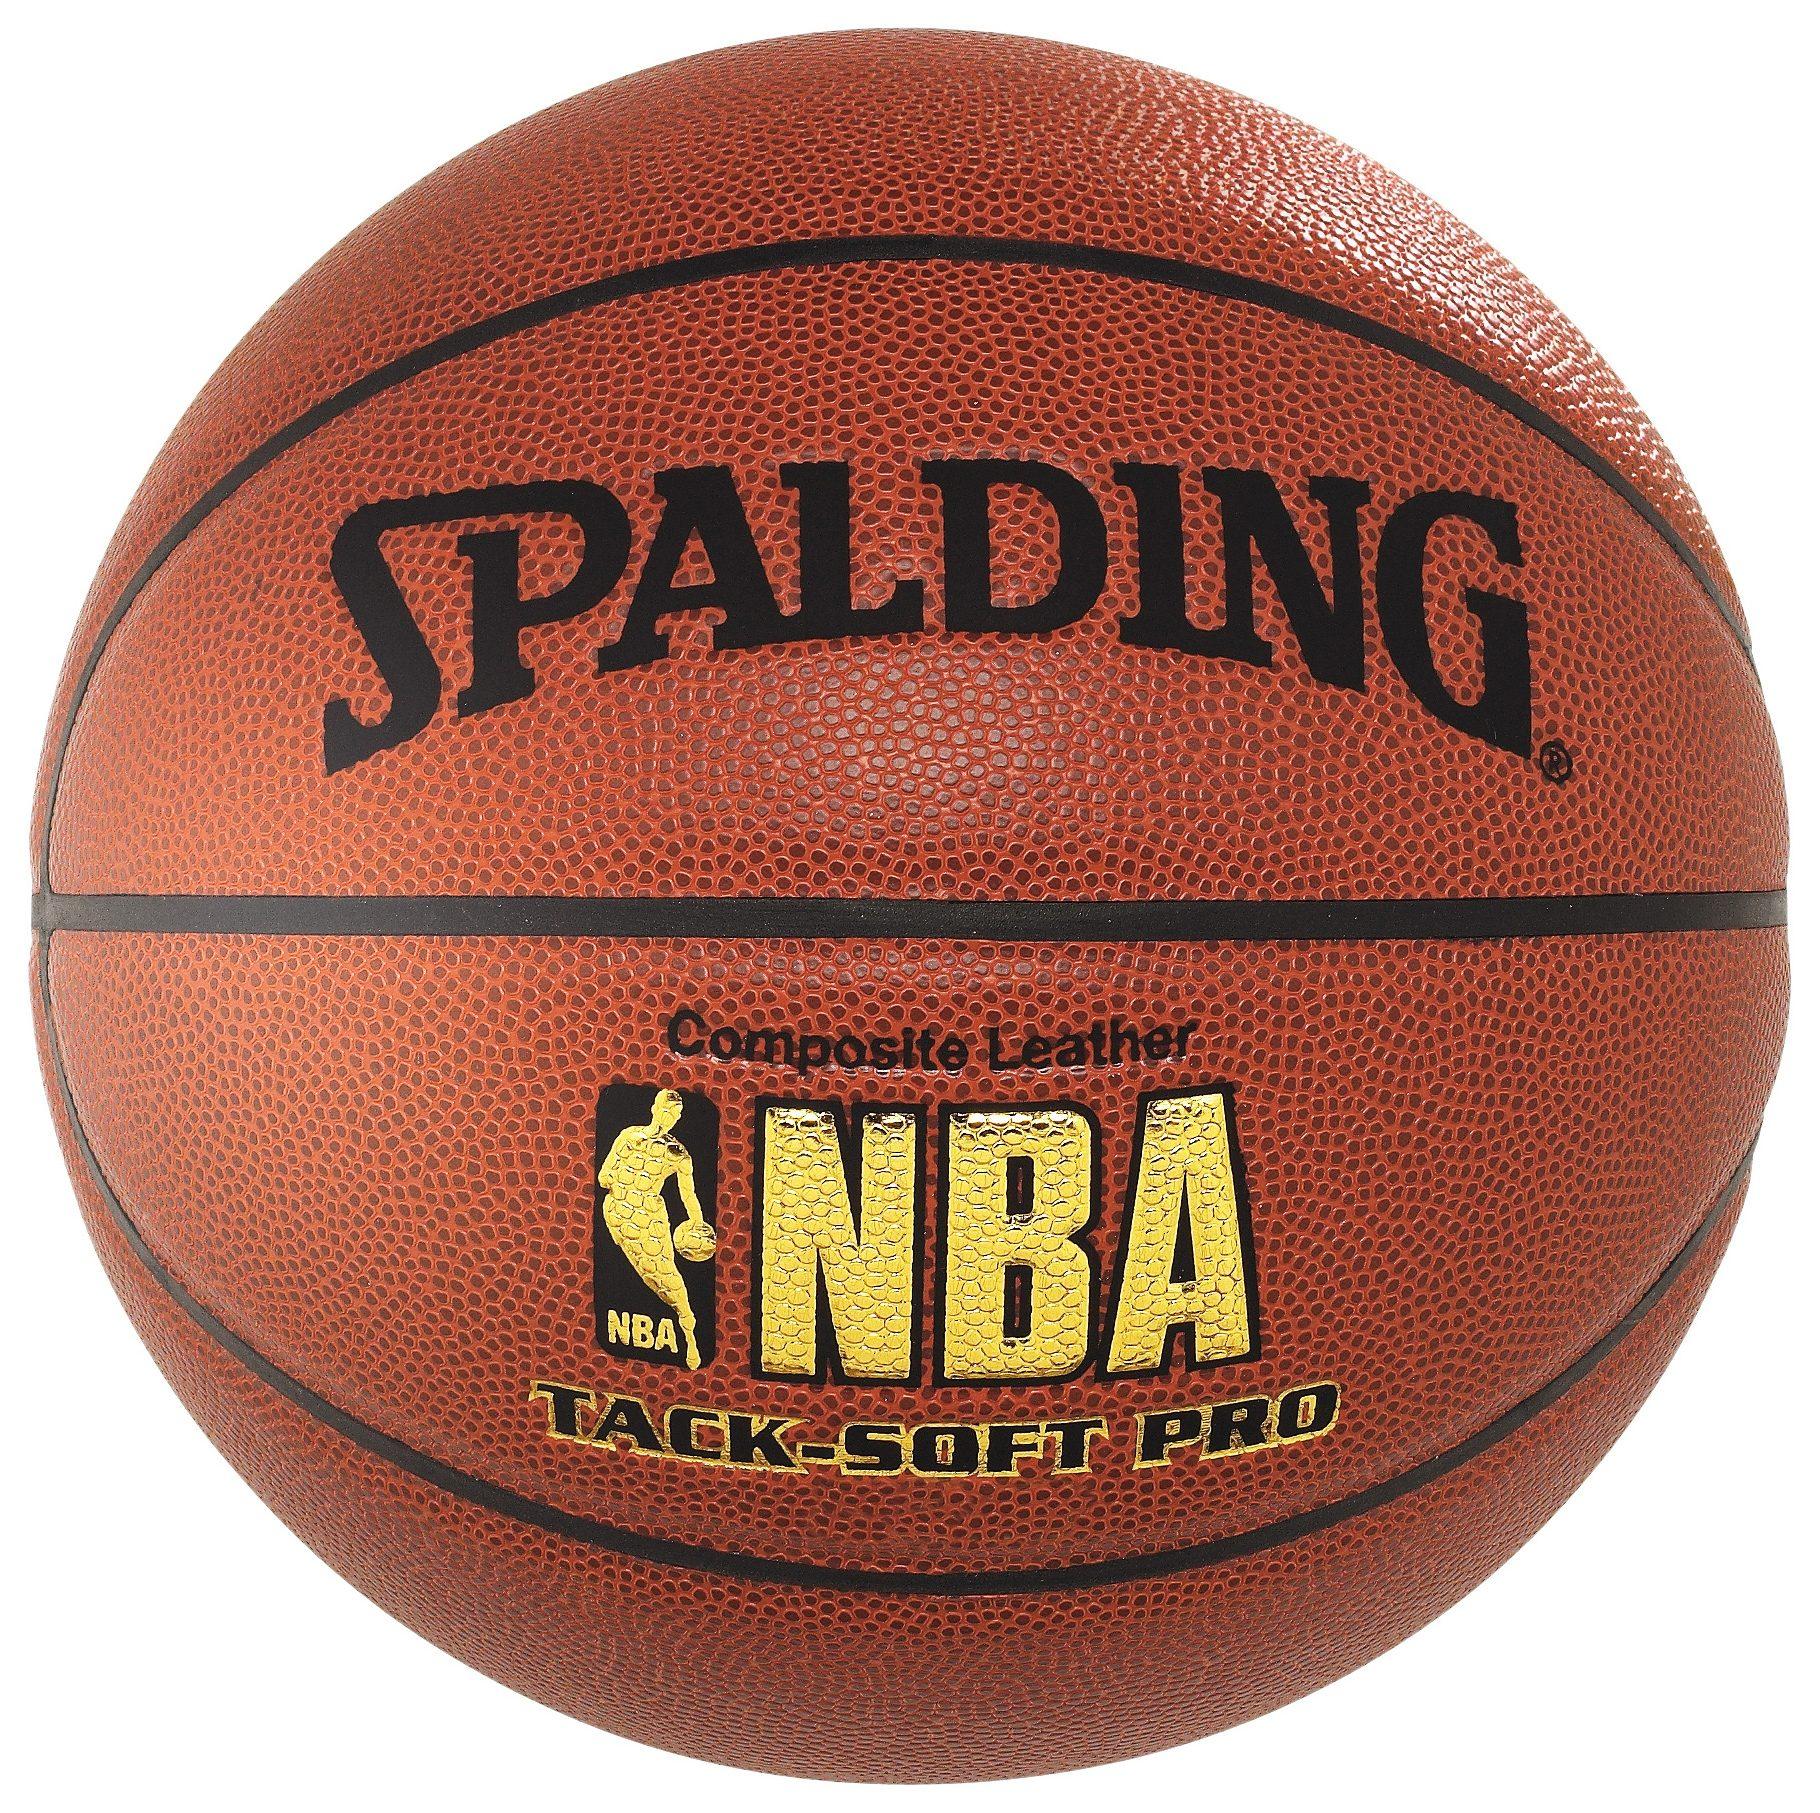 SPALDING NBA Tack-Soft Pro (74-190Z) Basketball